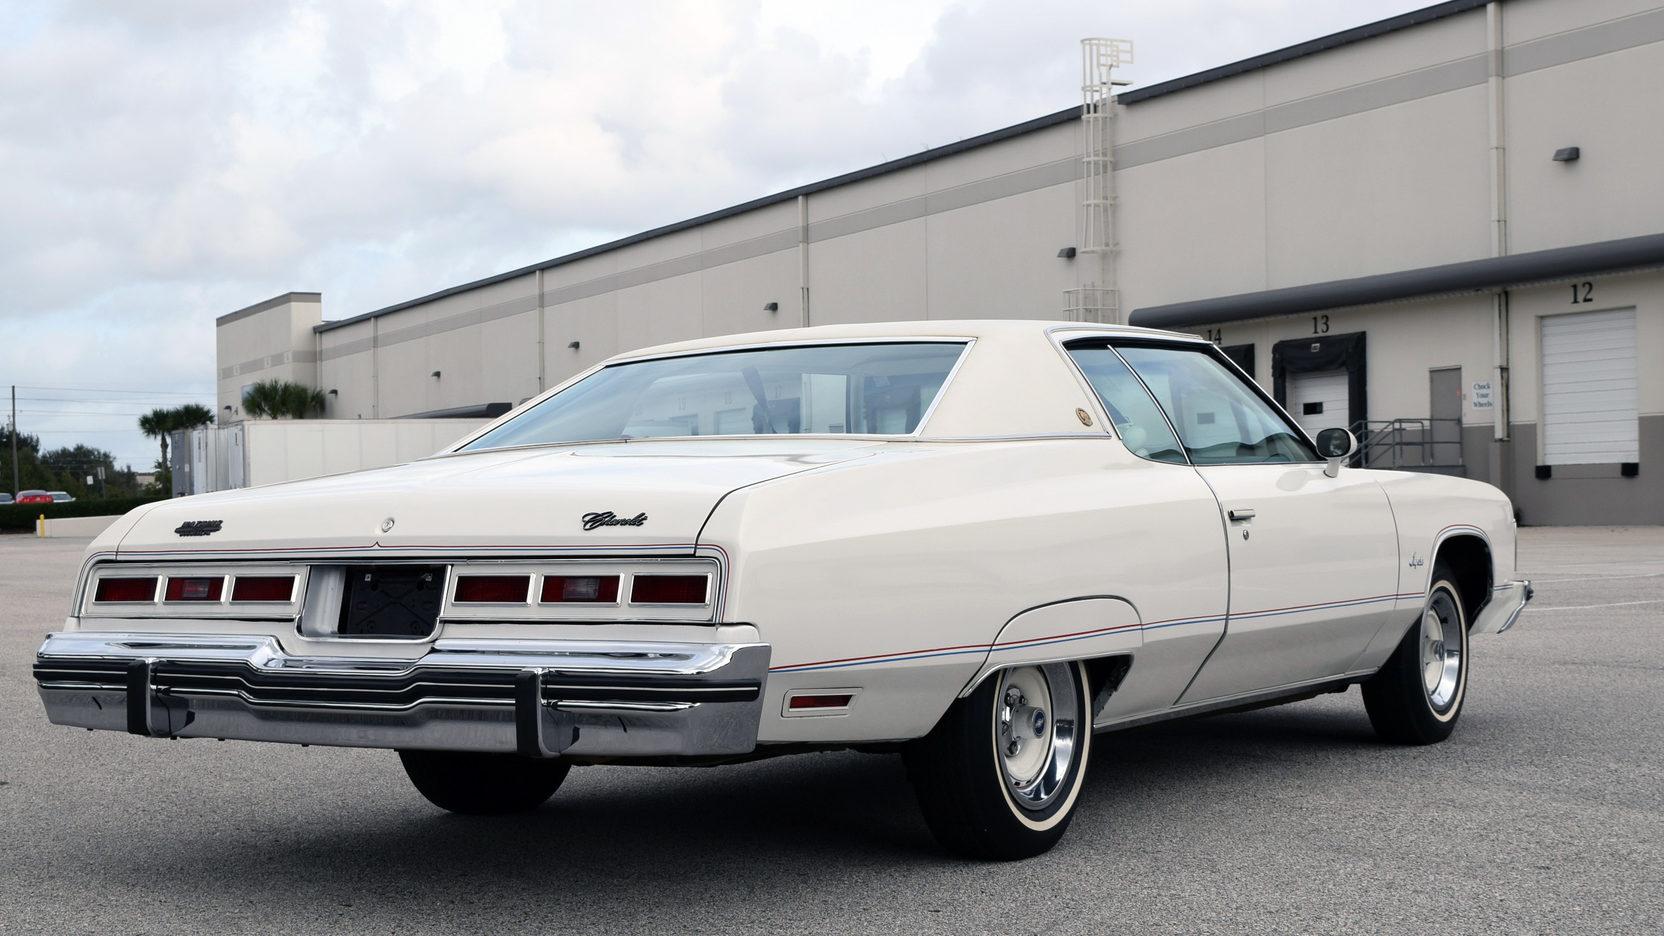 medium resolution of 1974 chevrolet impala 3 full screen